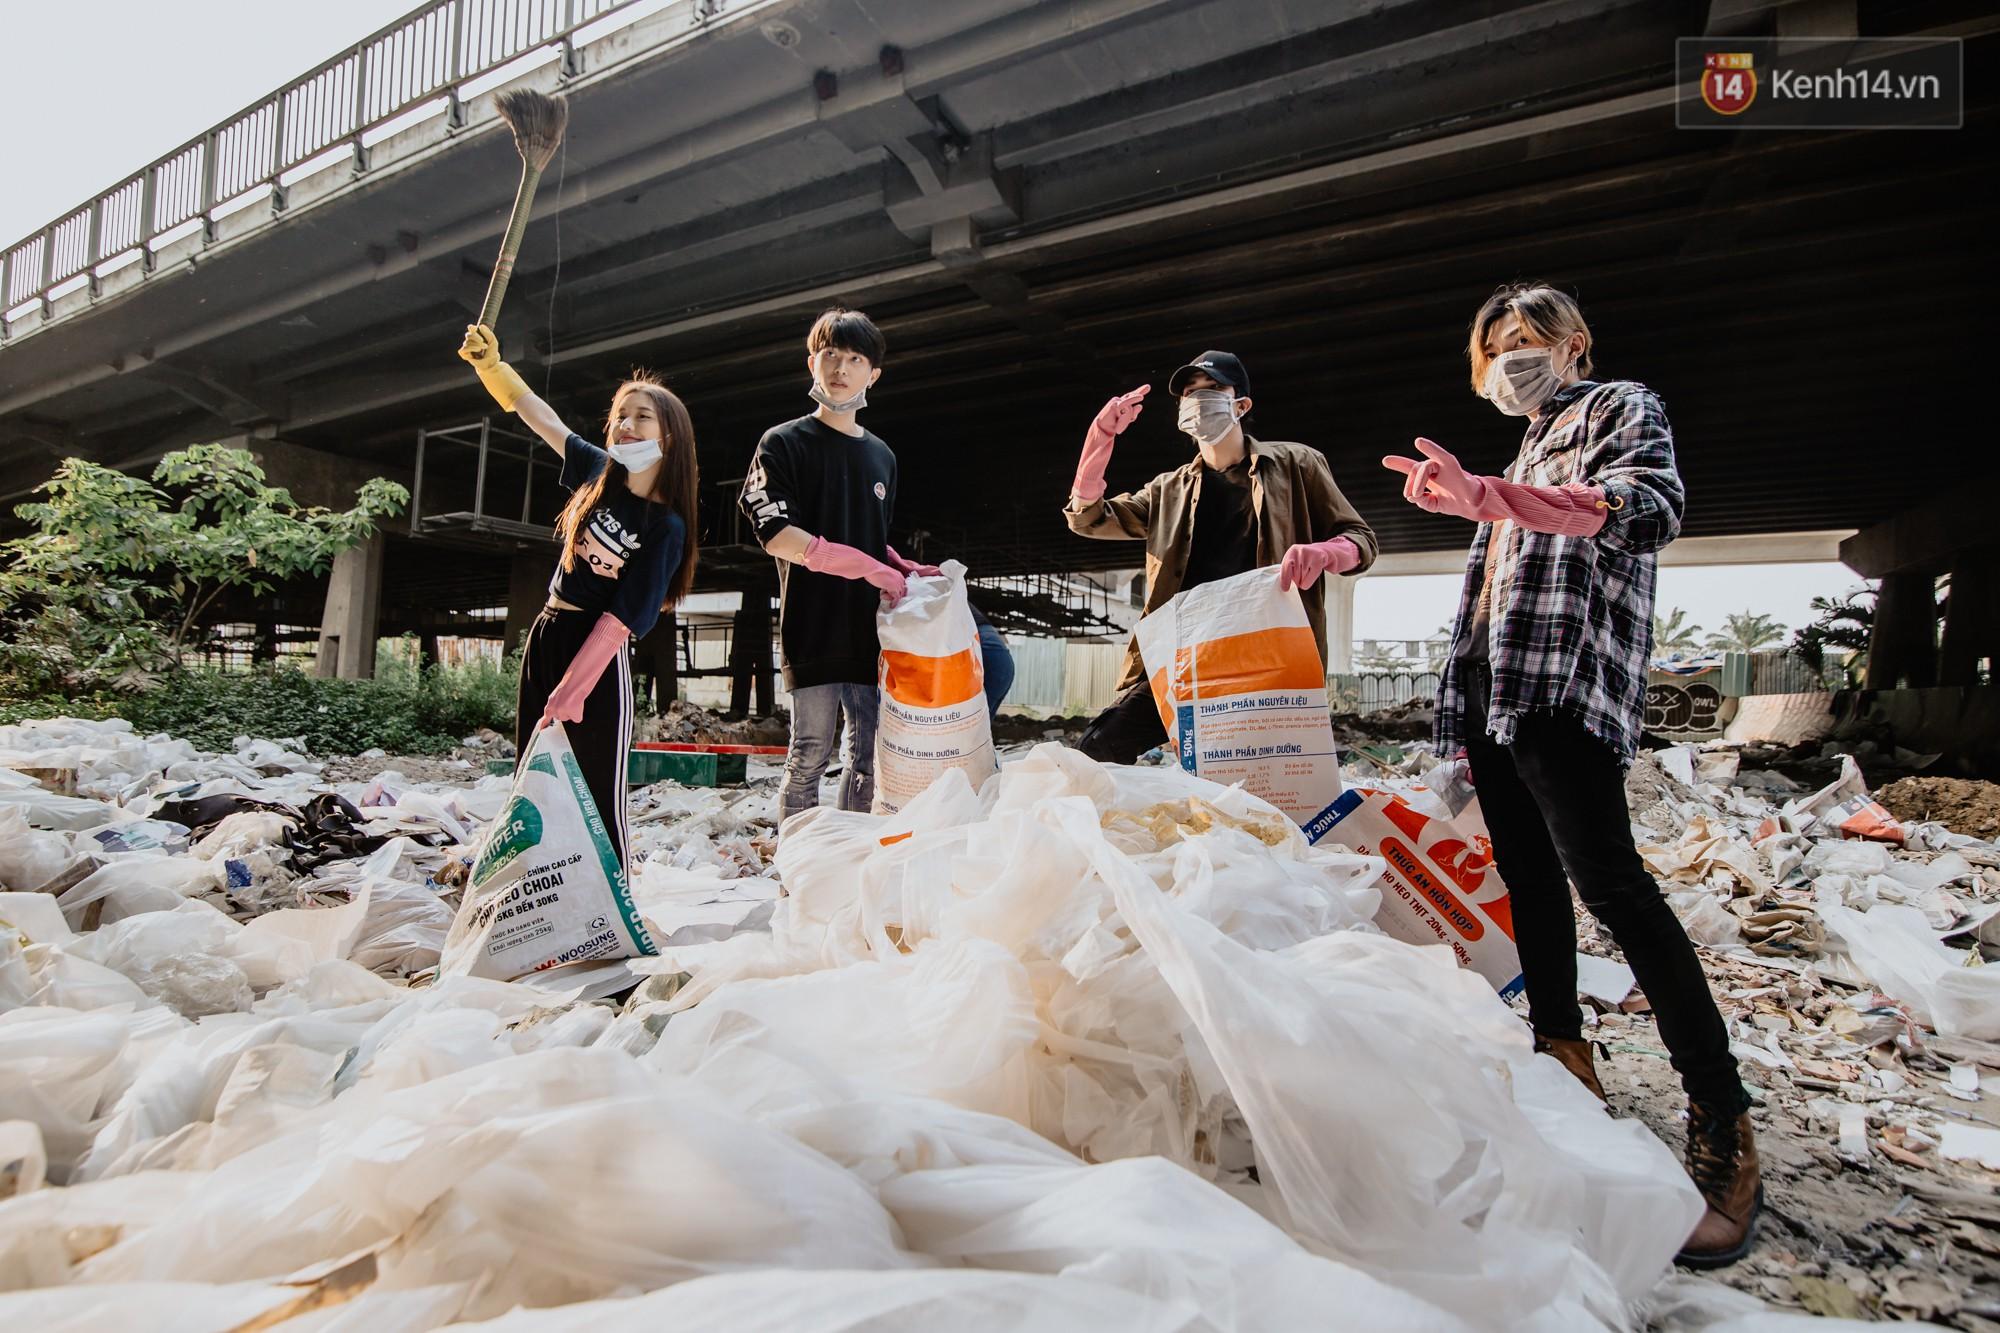 """Hoa hậu Phương Khánh, Han Sara và nhóm Uni5 nhiệt tình thực hiện """"Thử thách dọn rác"""", làm sạch rác dưới chân cầu Sài Gòn - Ảnh 1."""